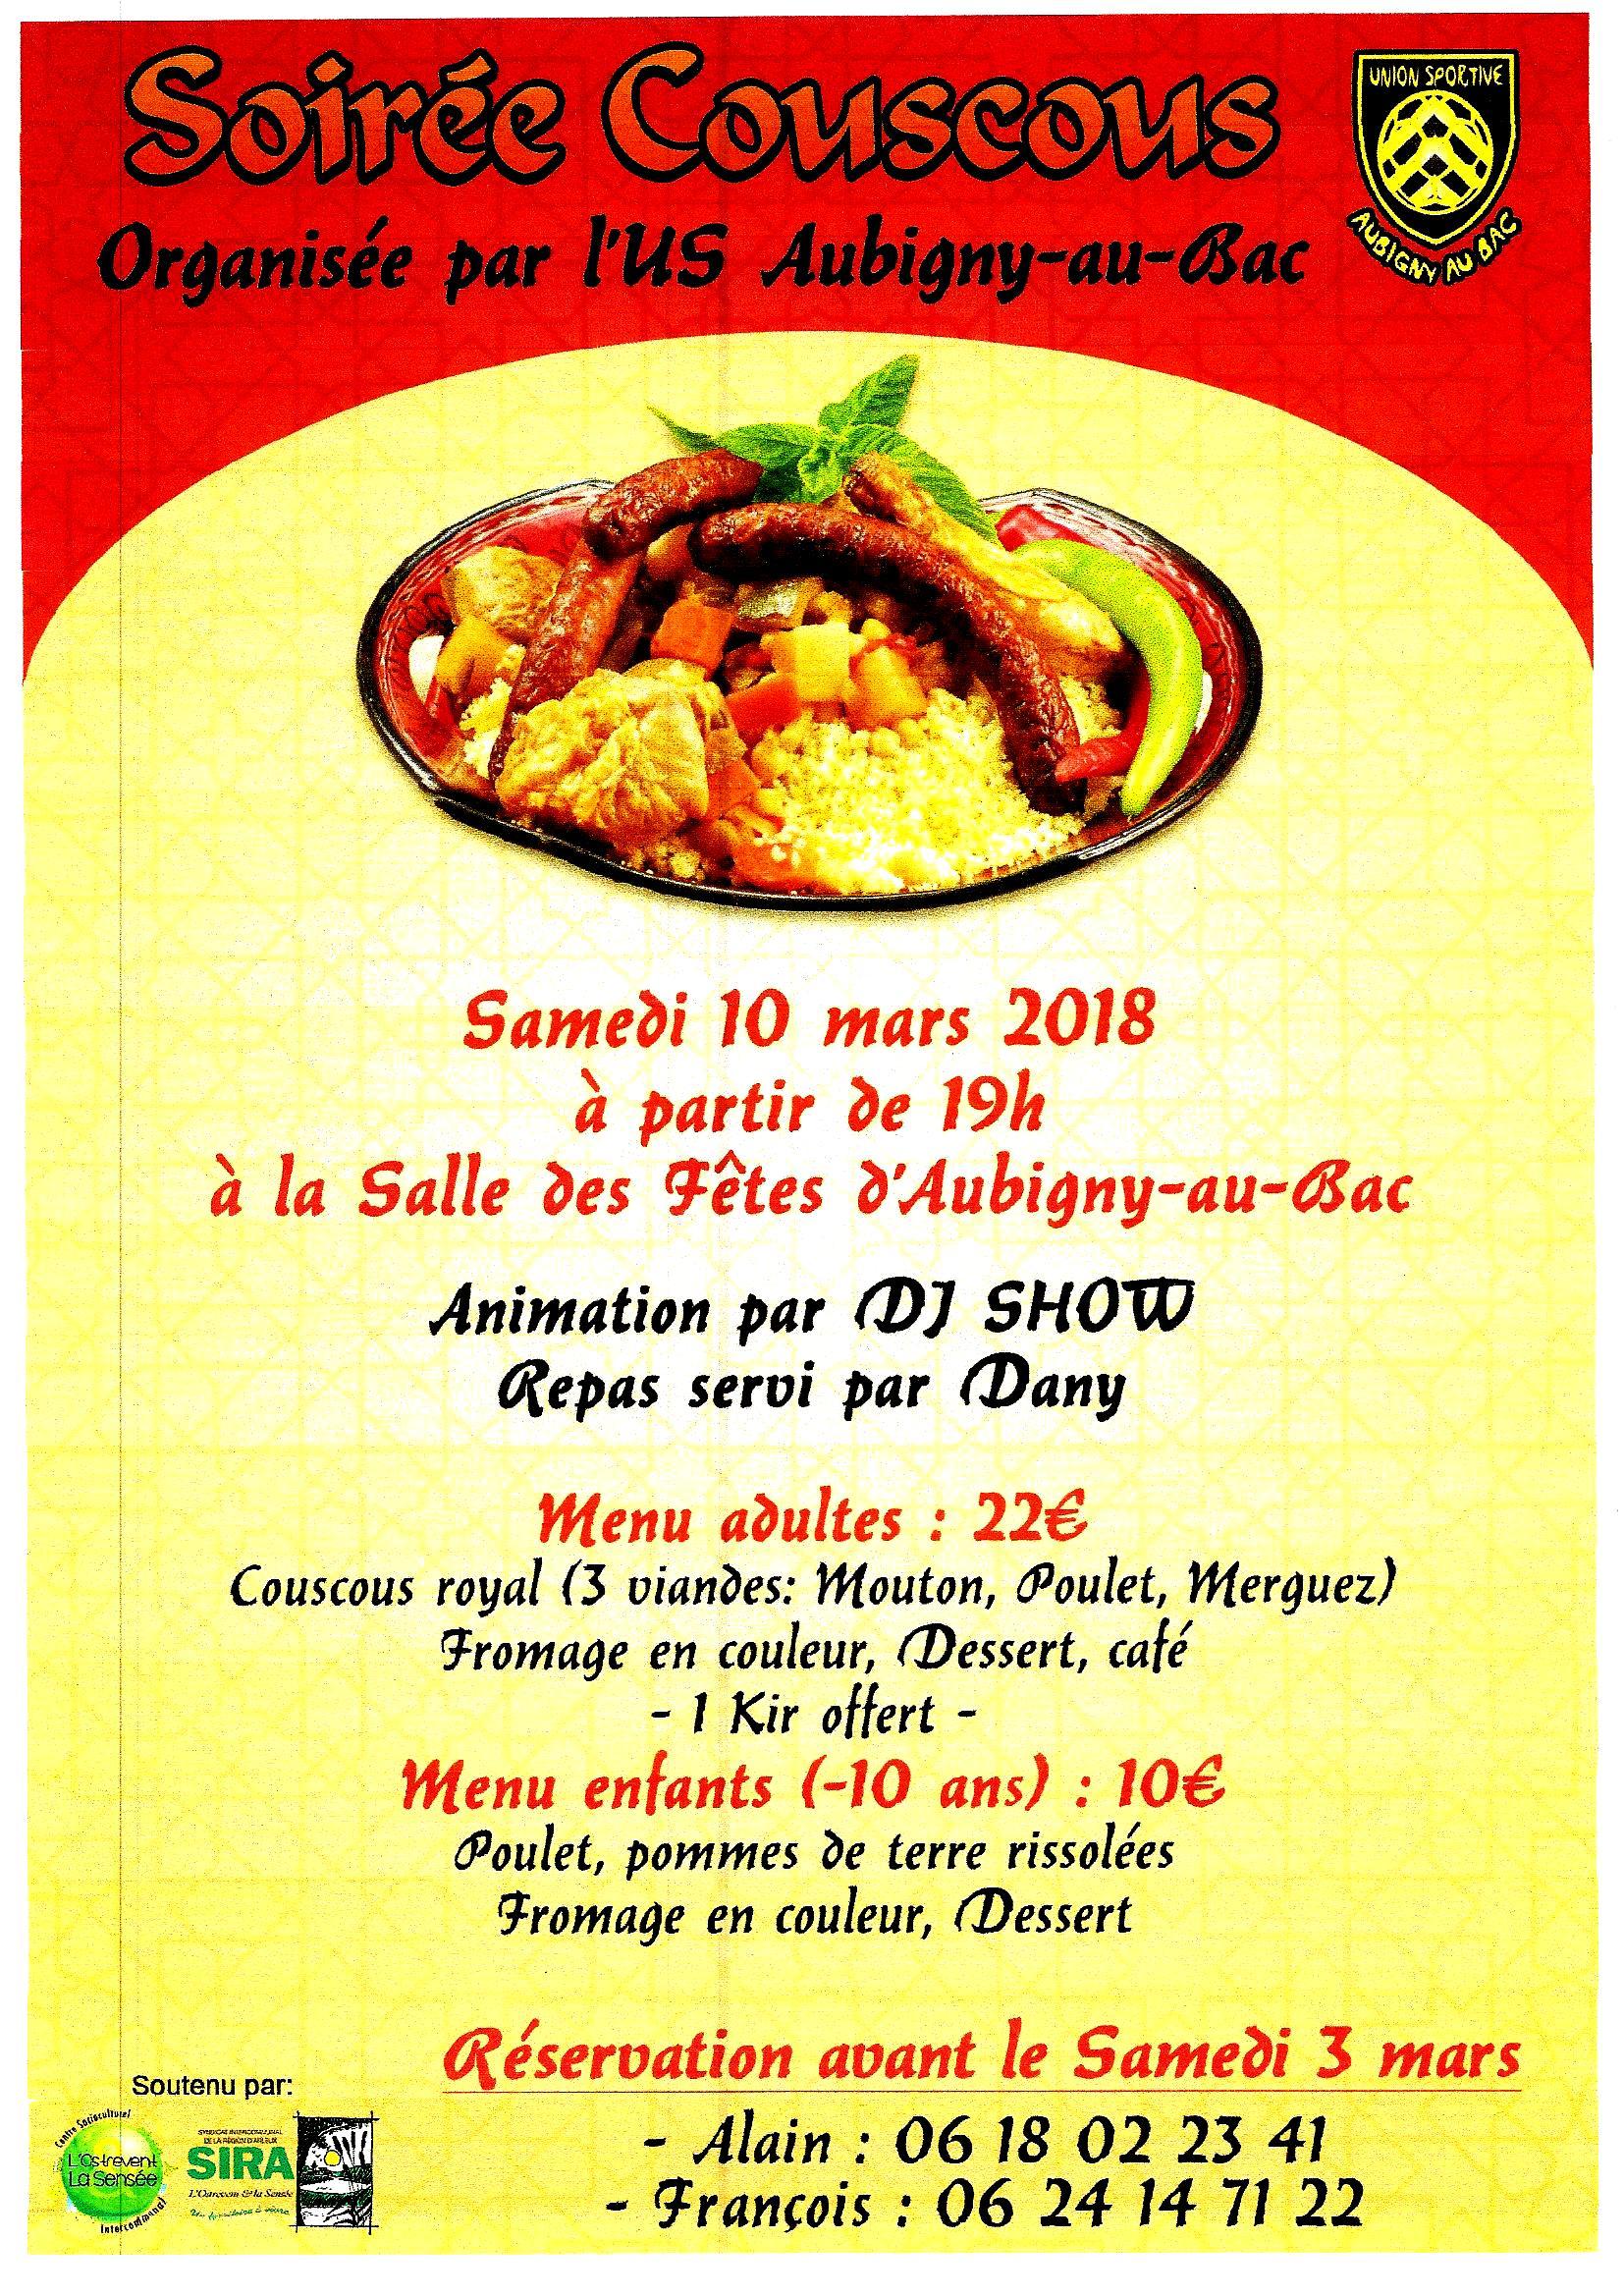 Affiche couscous 2018.jpg